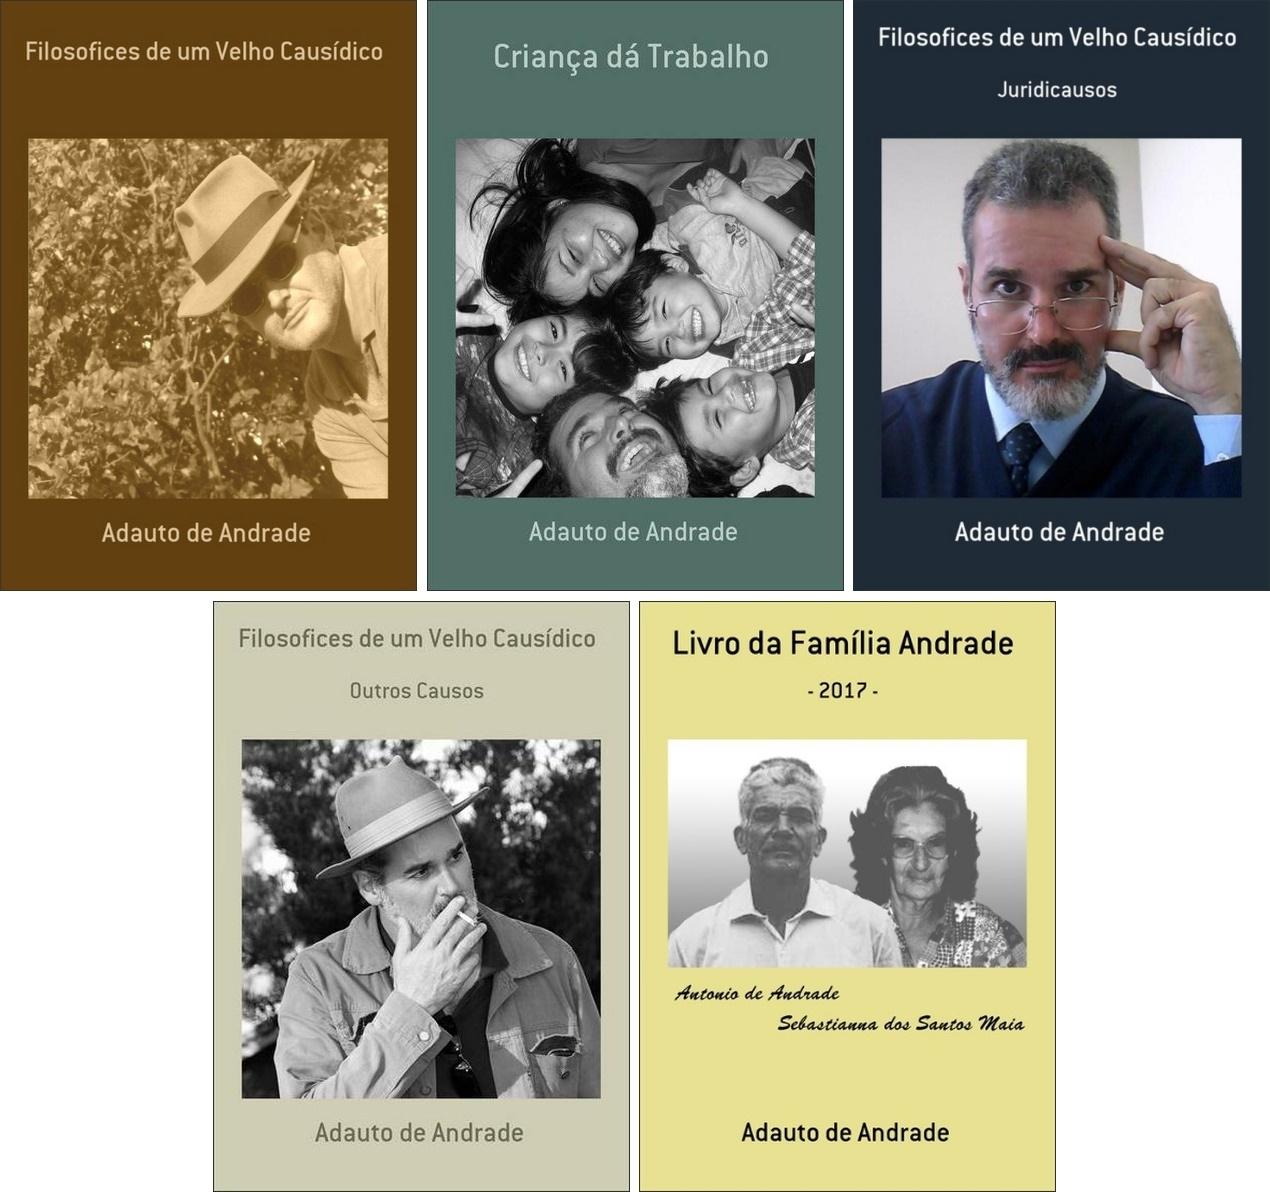 Clique na imagem para a descrição dos livros!